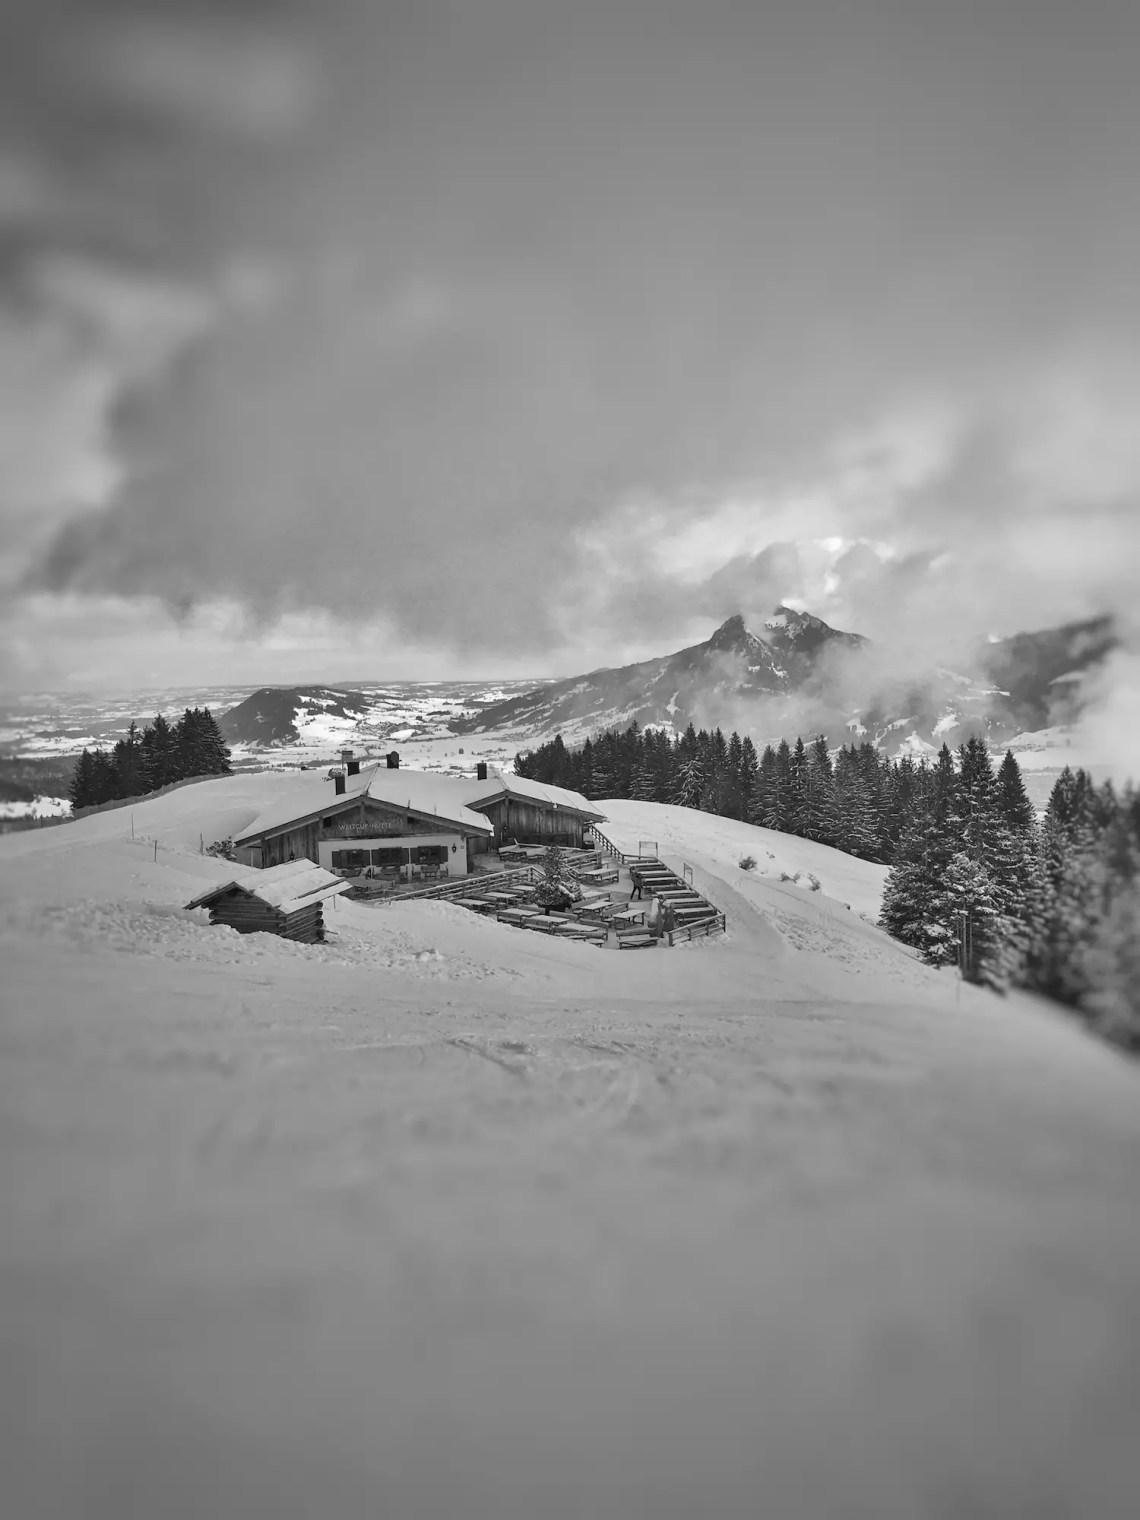 Weltcuphütte im Skigebiet Gunzesried-Ofterschwang